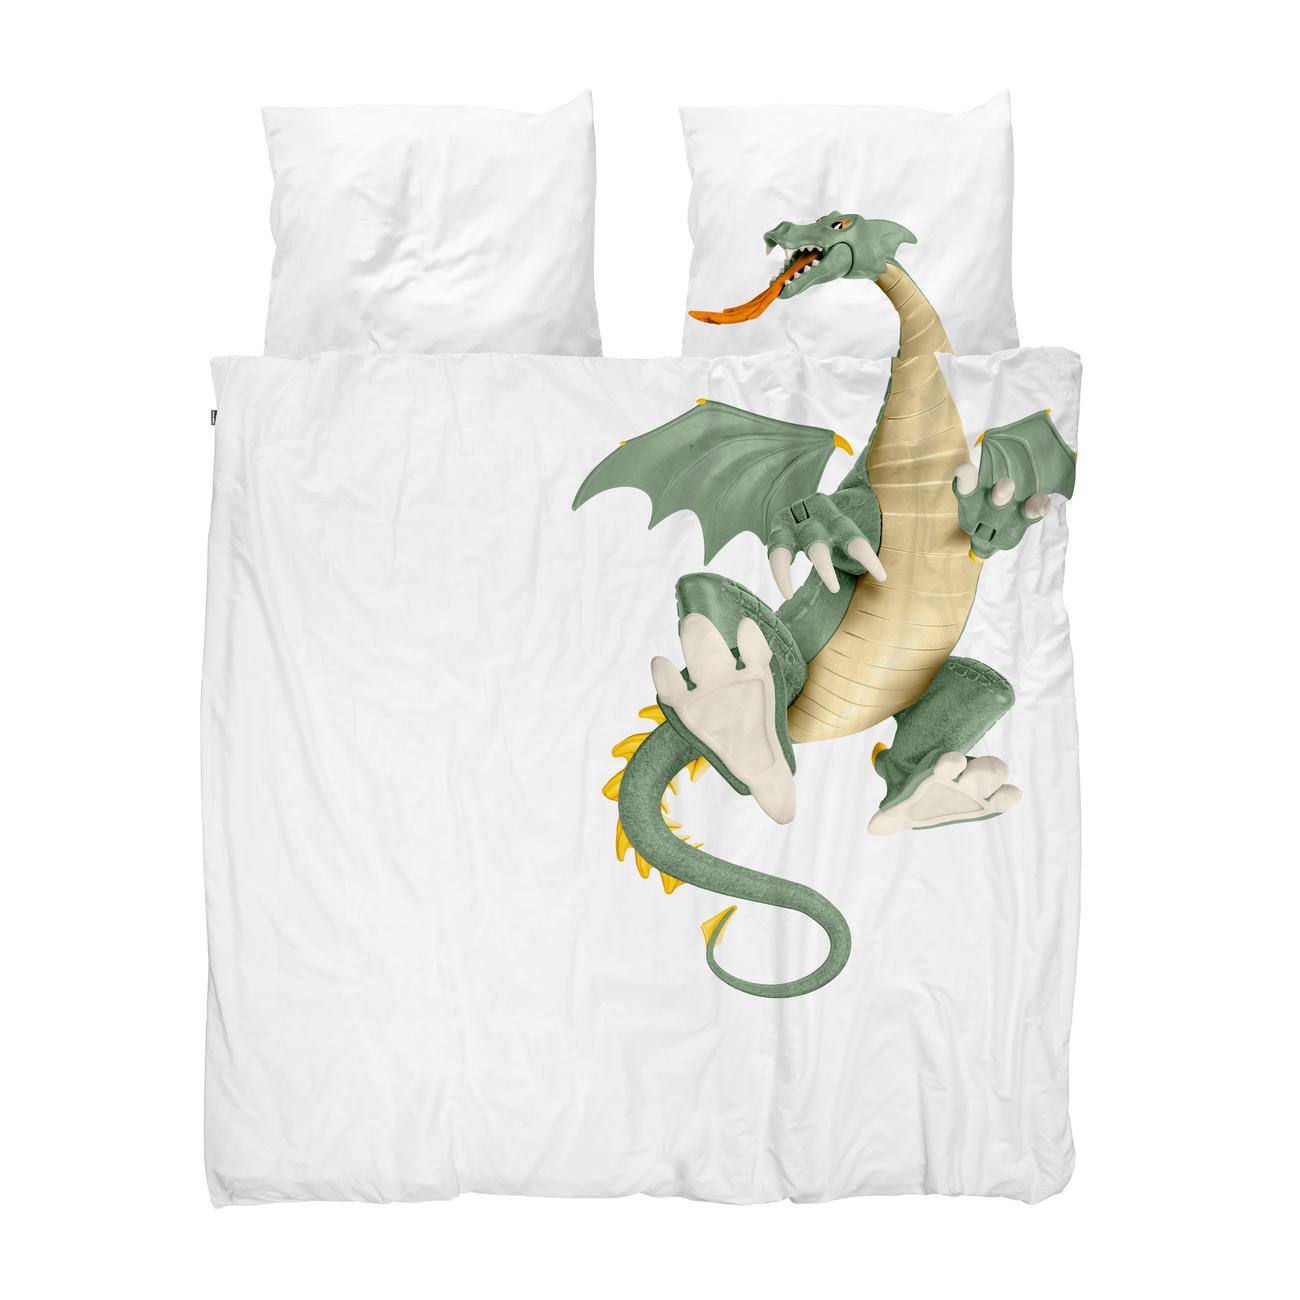 Snurk Dragon dekbedovertrek 240x200 220 cm